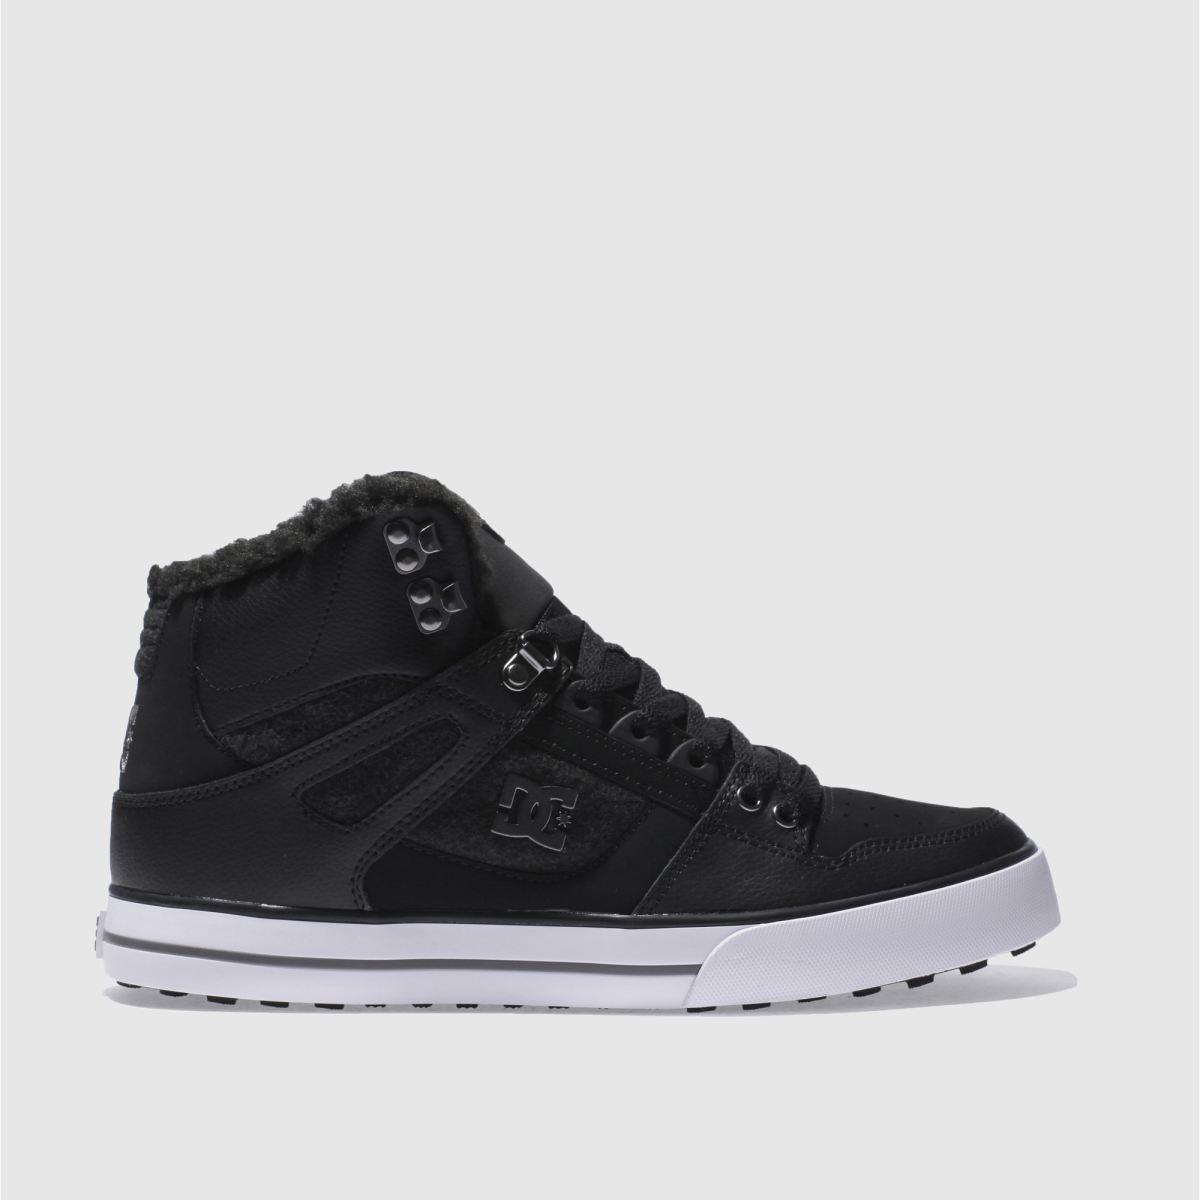 dc shoes Dc Shoes Black Spartan Hi Wc Wnt Trainers